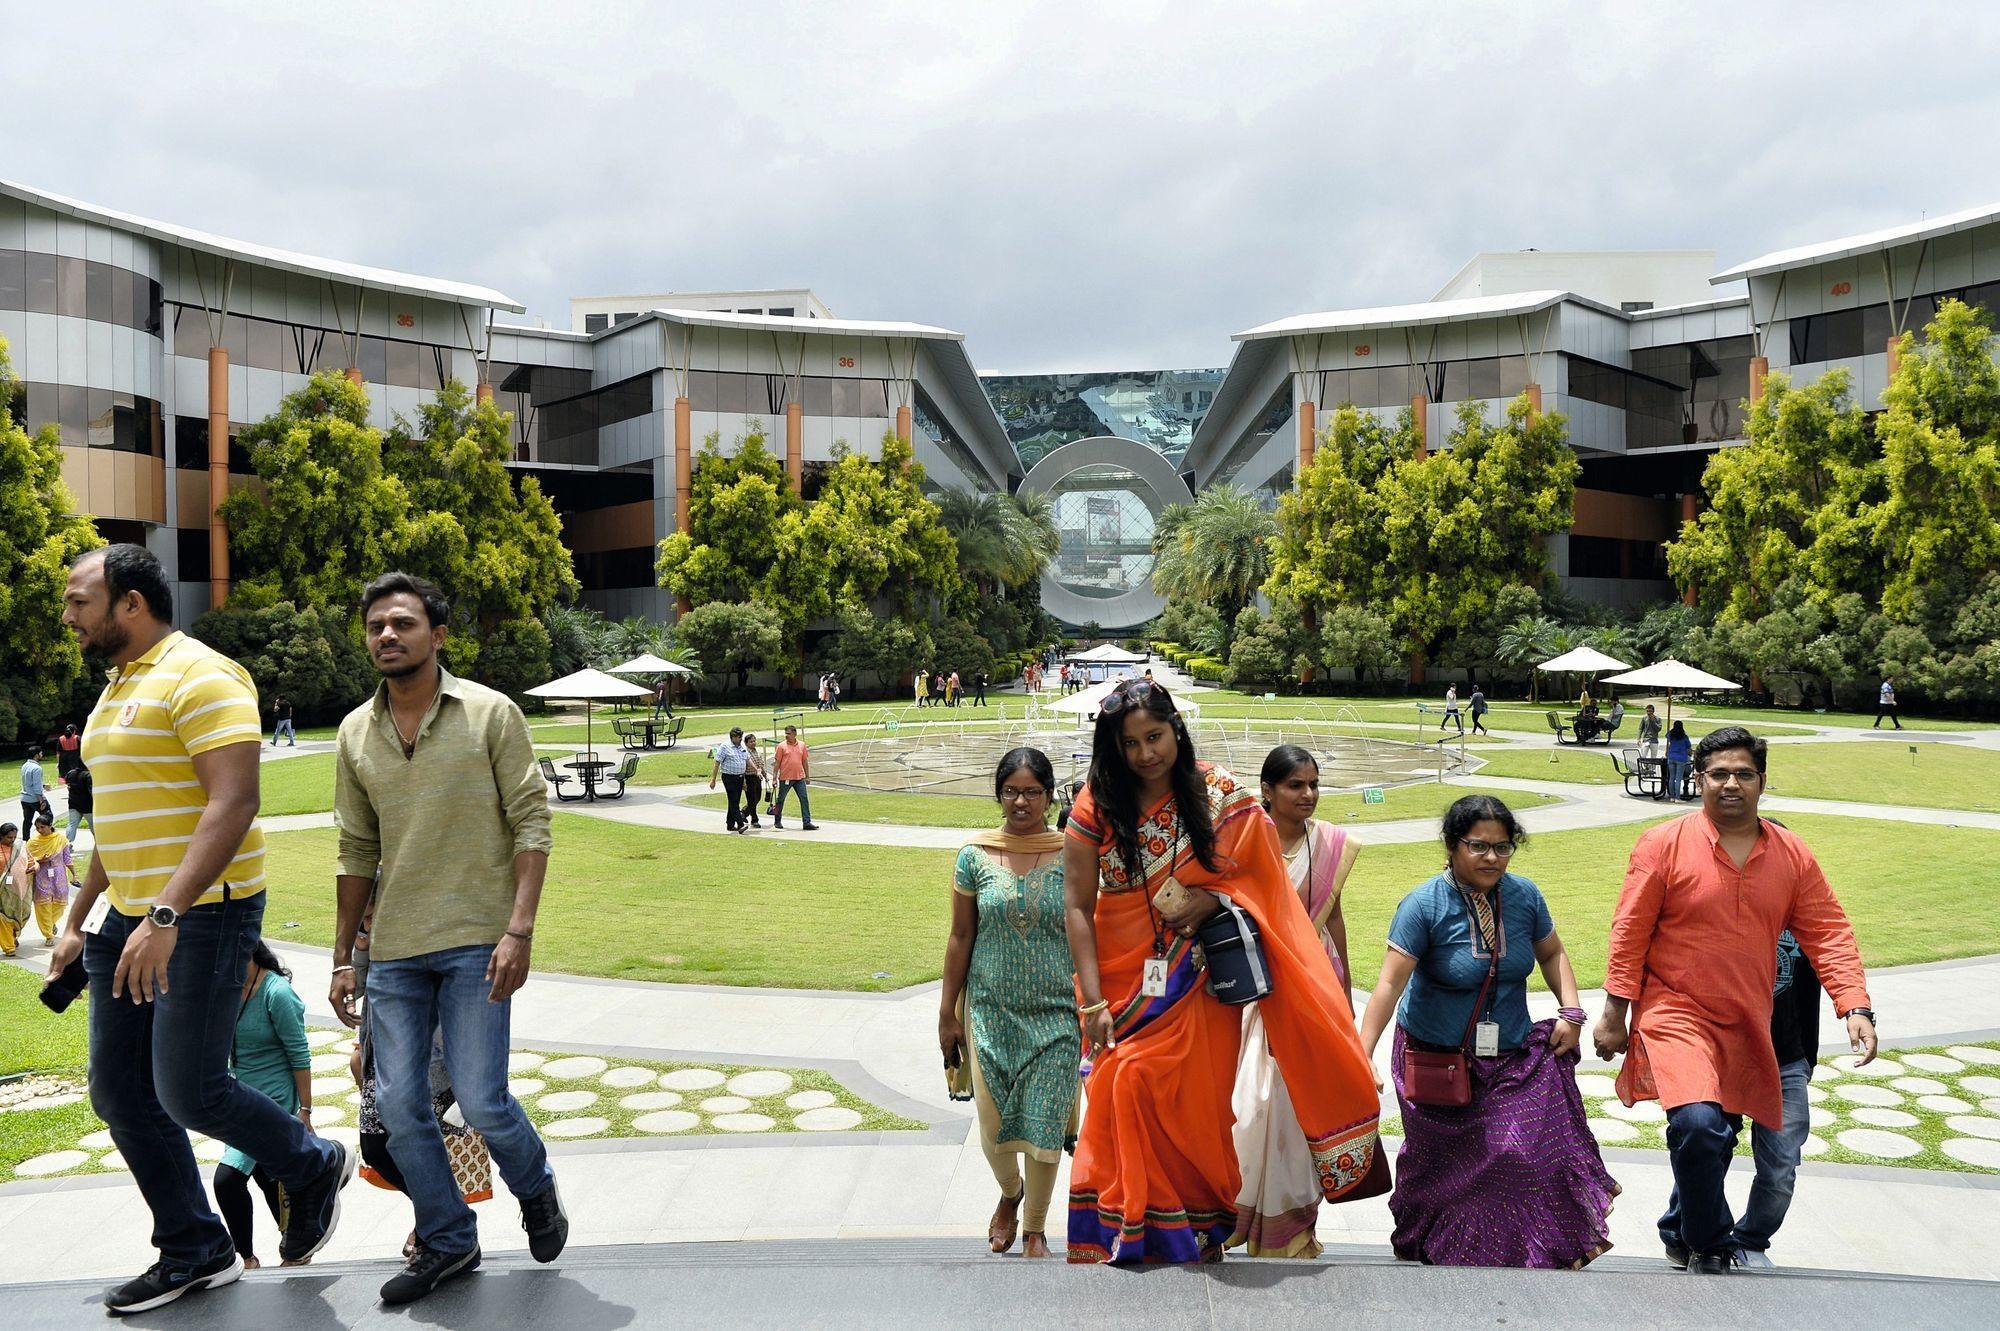 Le campus d'Infosys à Bangalore (Inde)